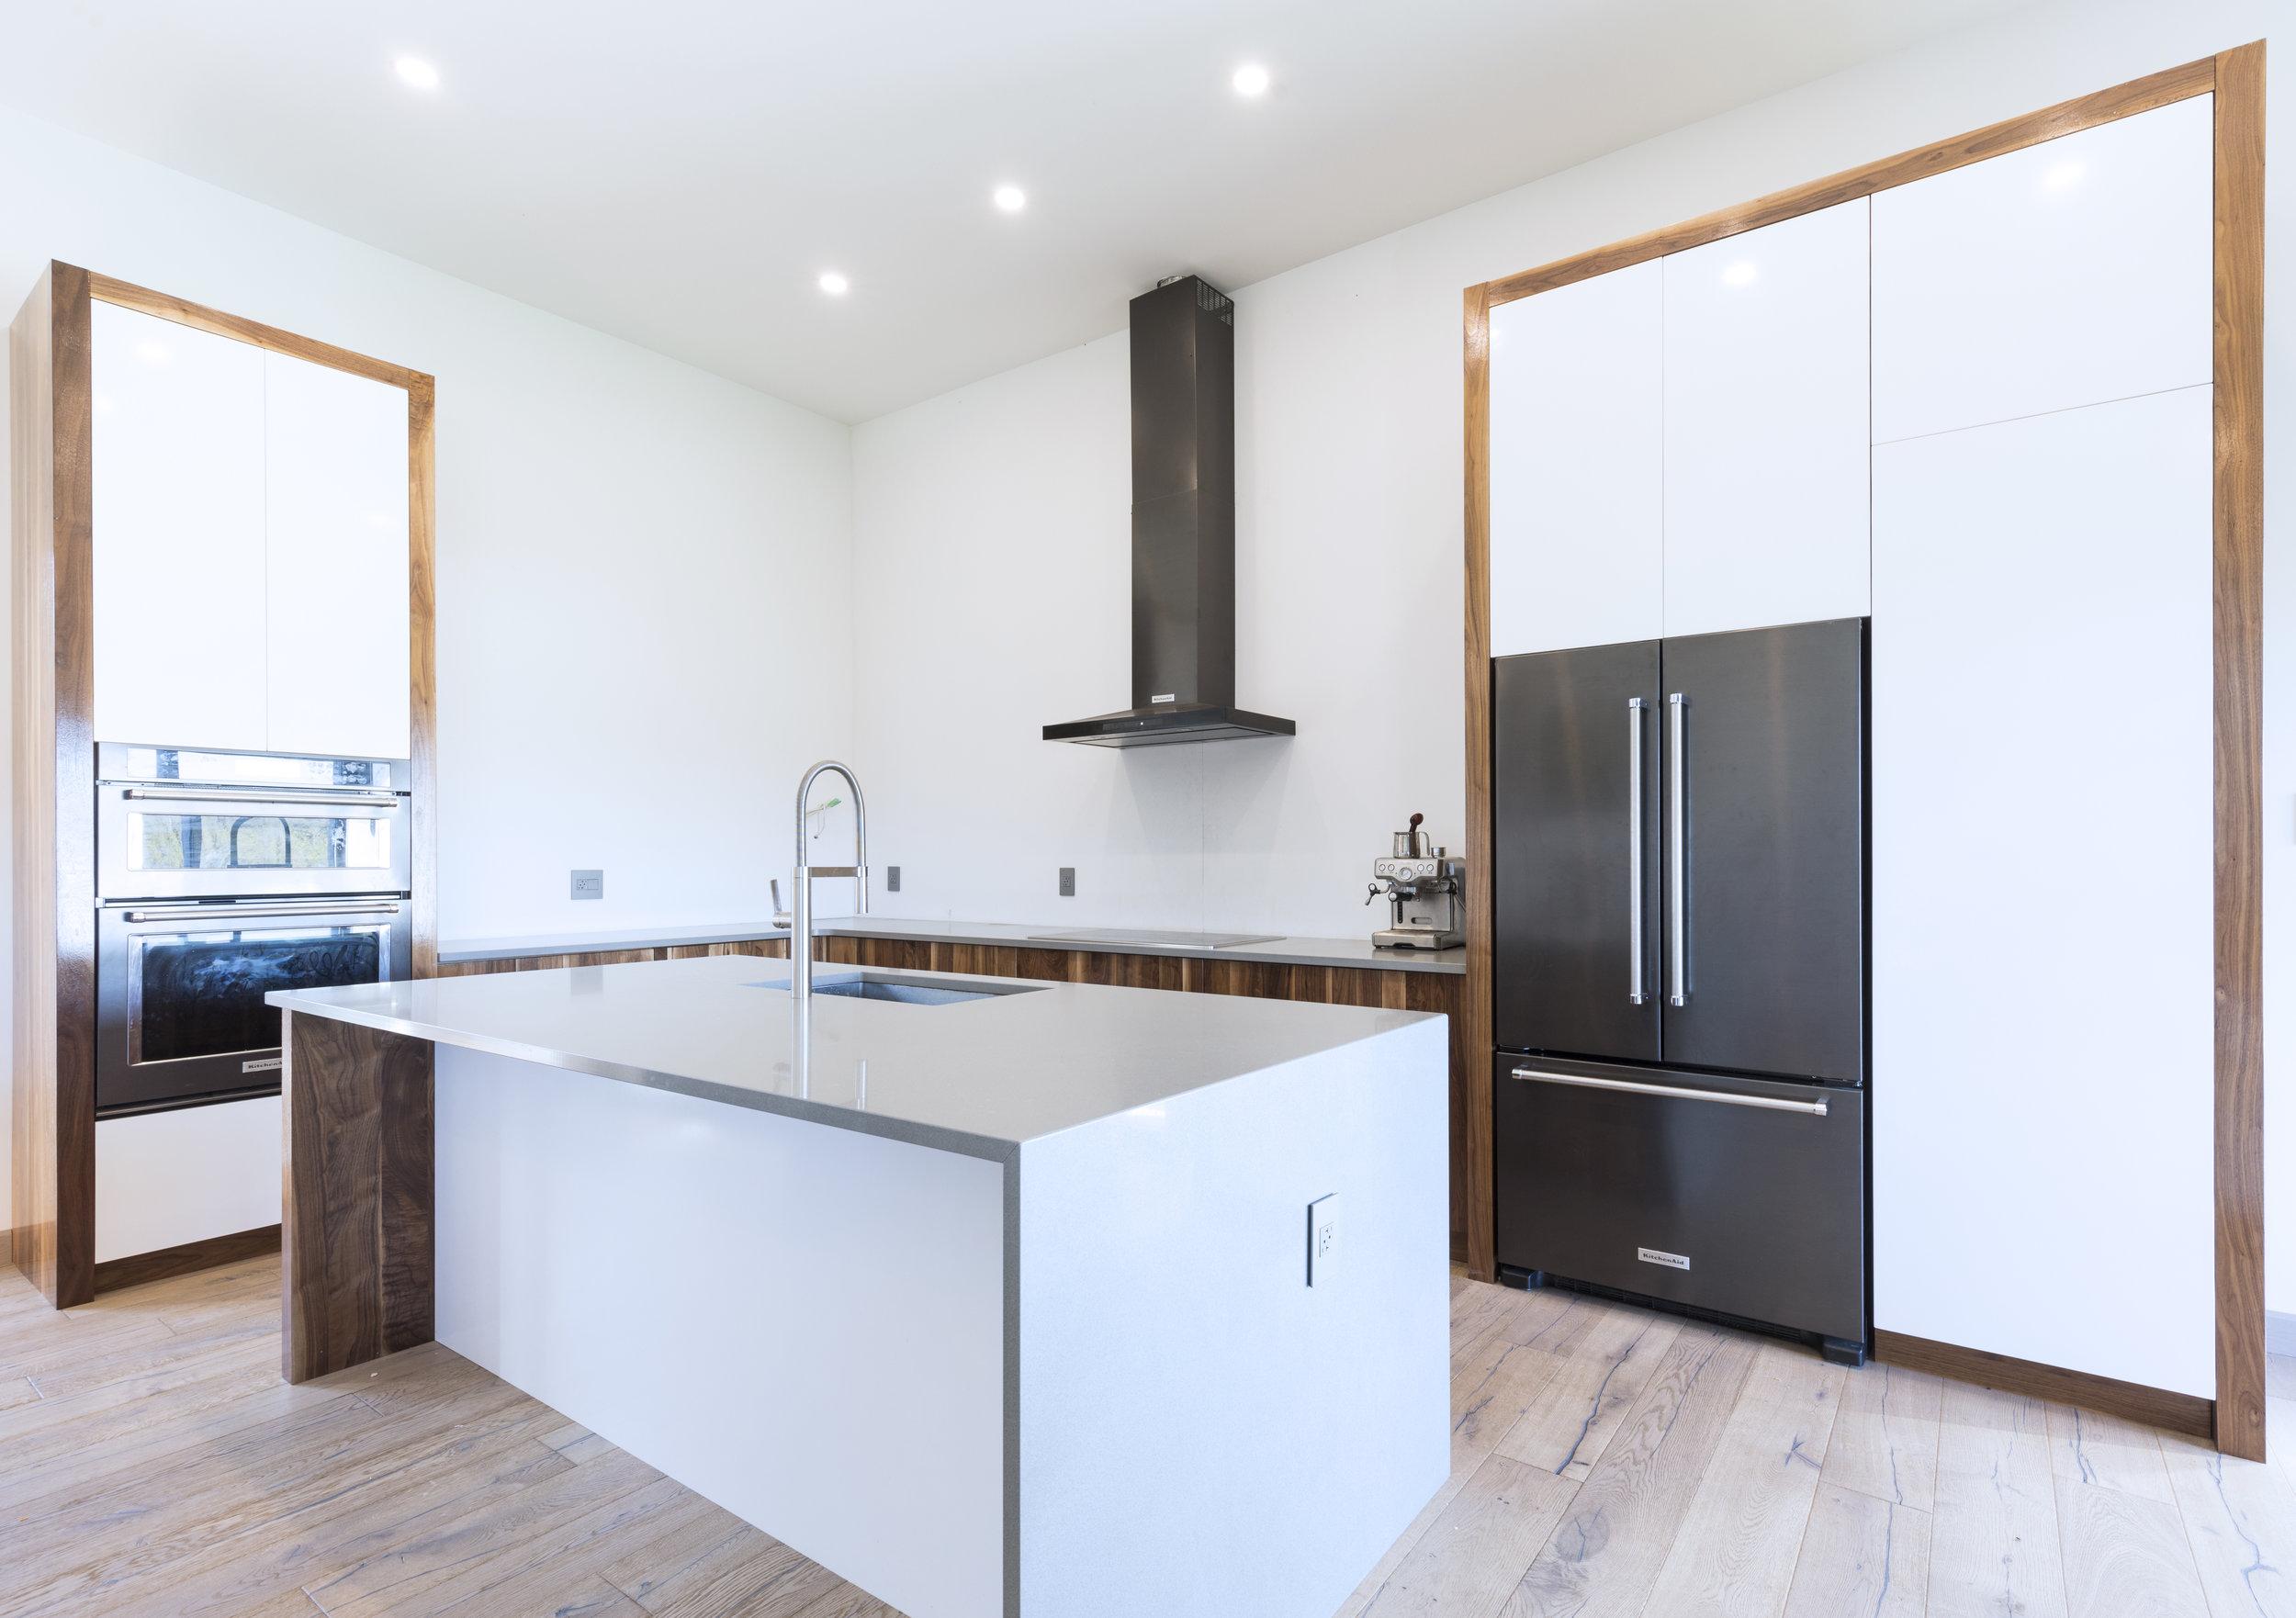 Alex kitchen 2.jpg